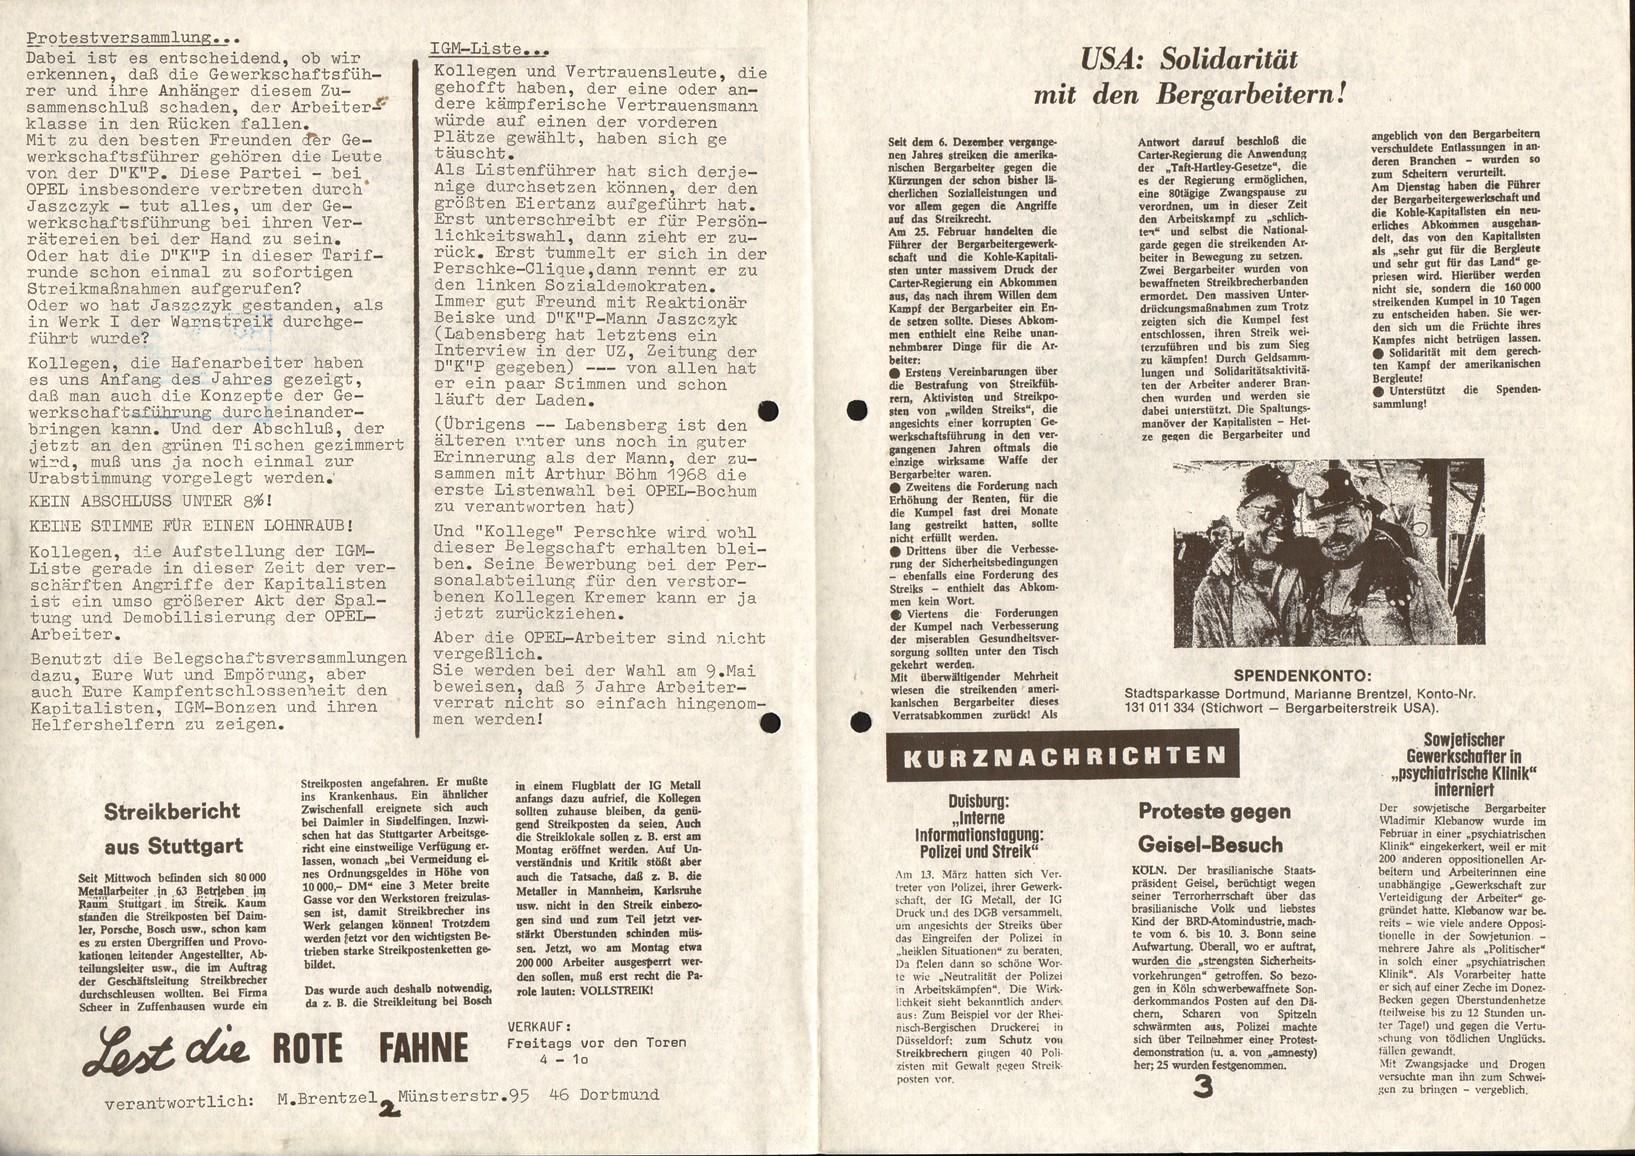 Bochum_Opel_AO_Scheinwerfer_19780400_1_02